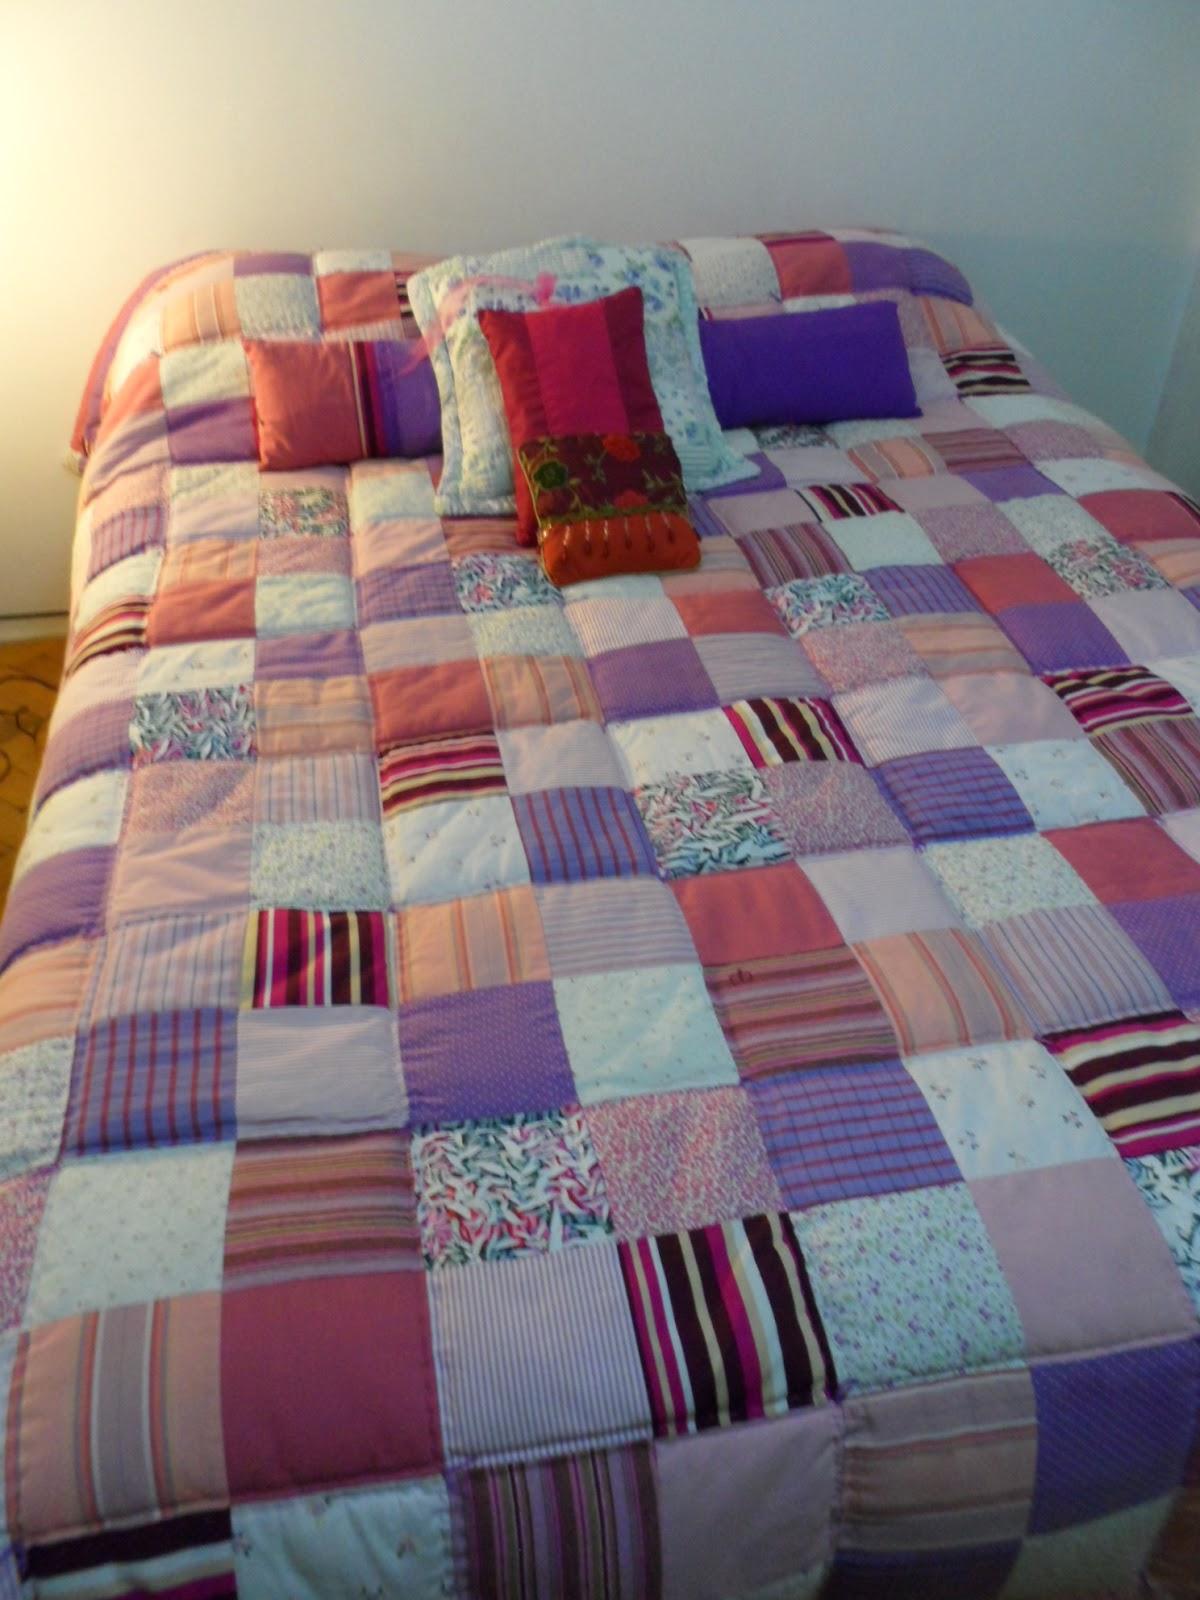 Mis patch acolchado y almohadones en patchwork combinado - Acolchados en patchwork ...